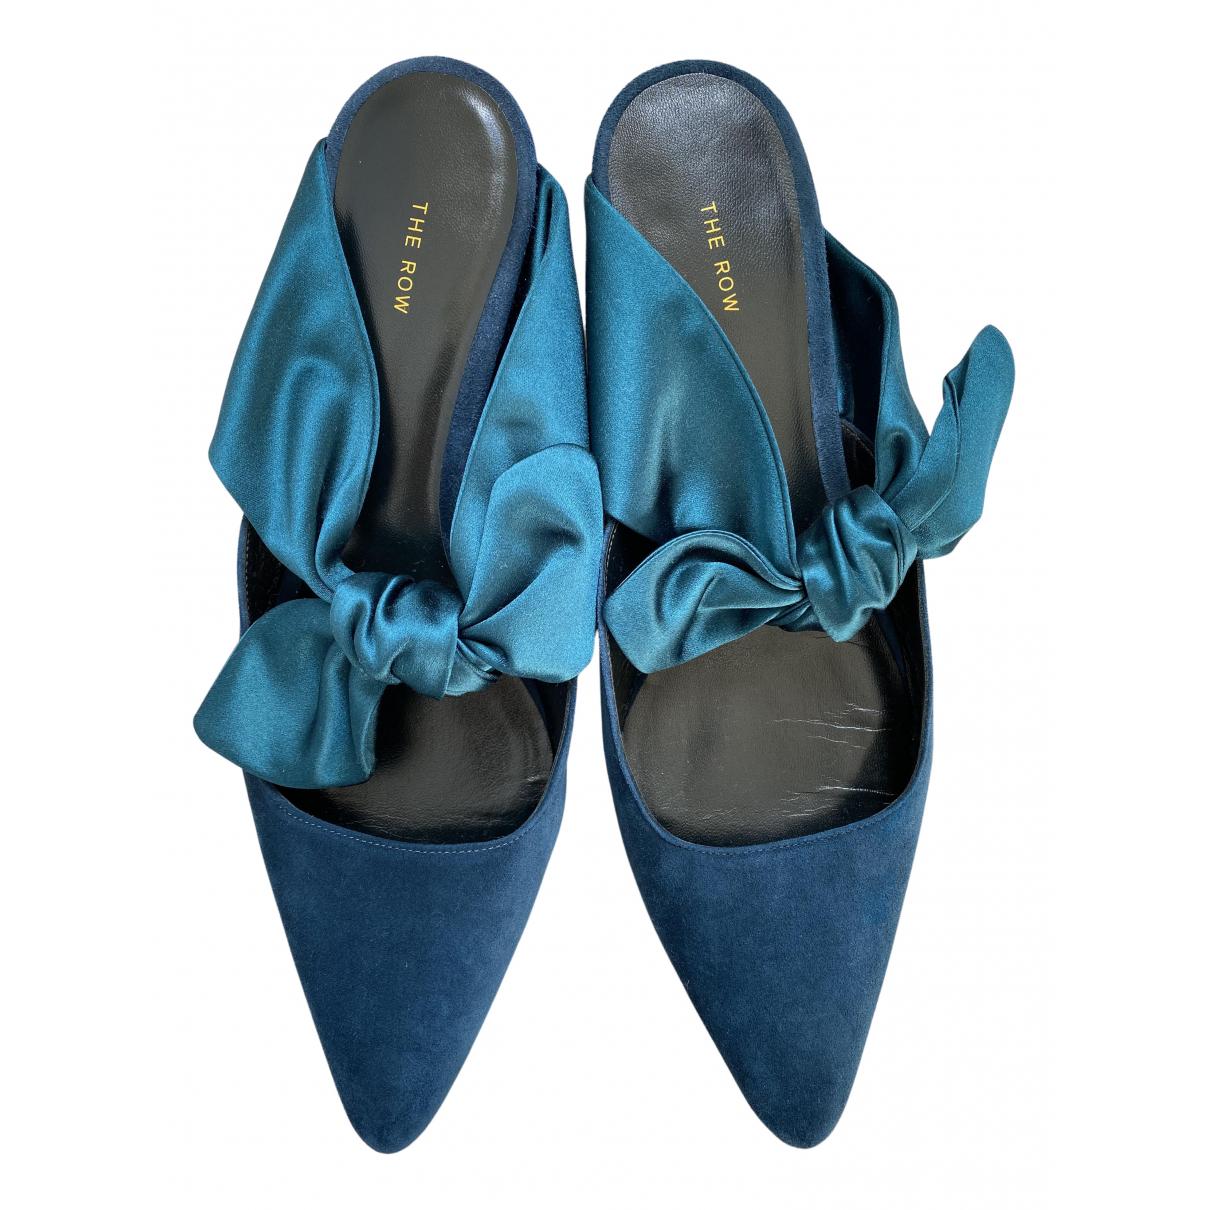 The Row - Sabots Coco pour femme en suede - bleu